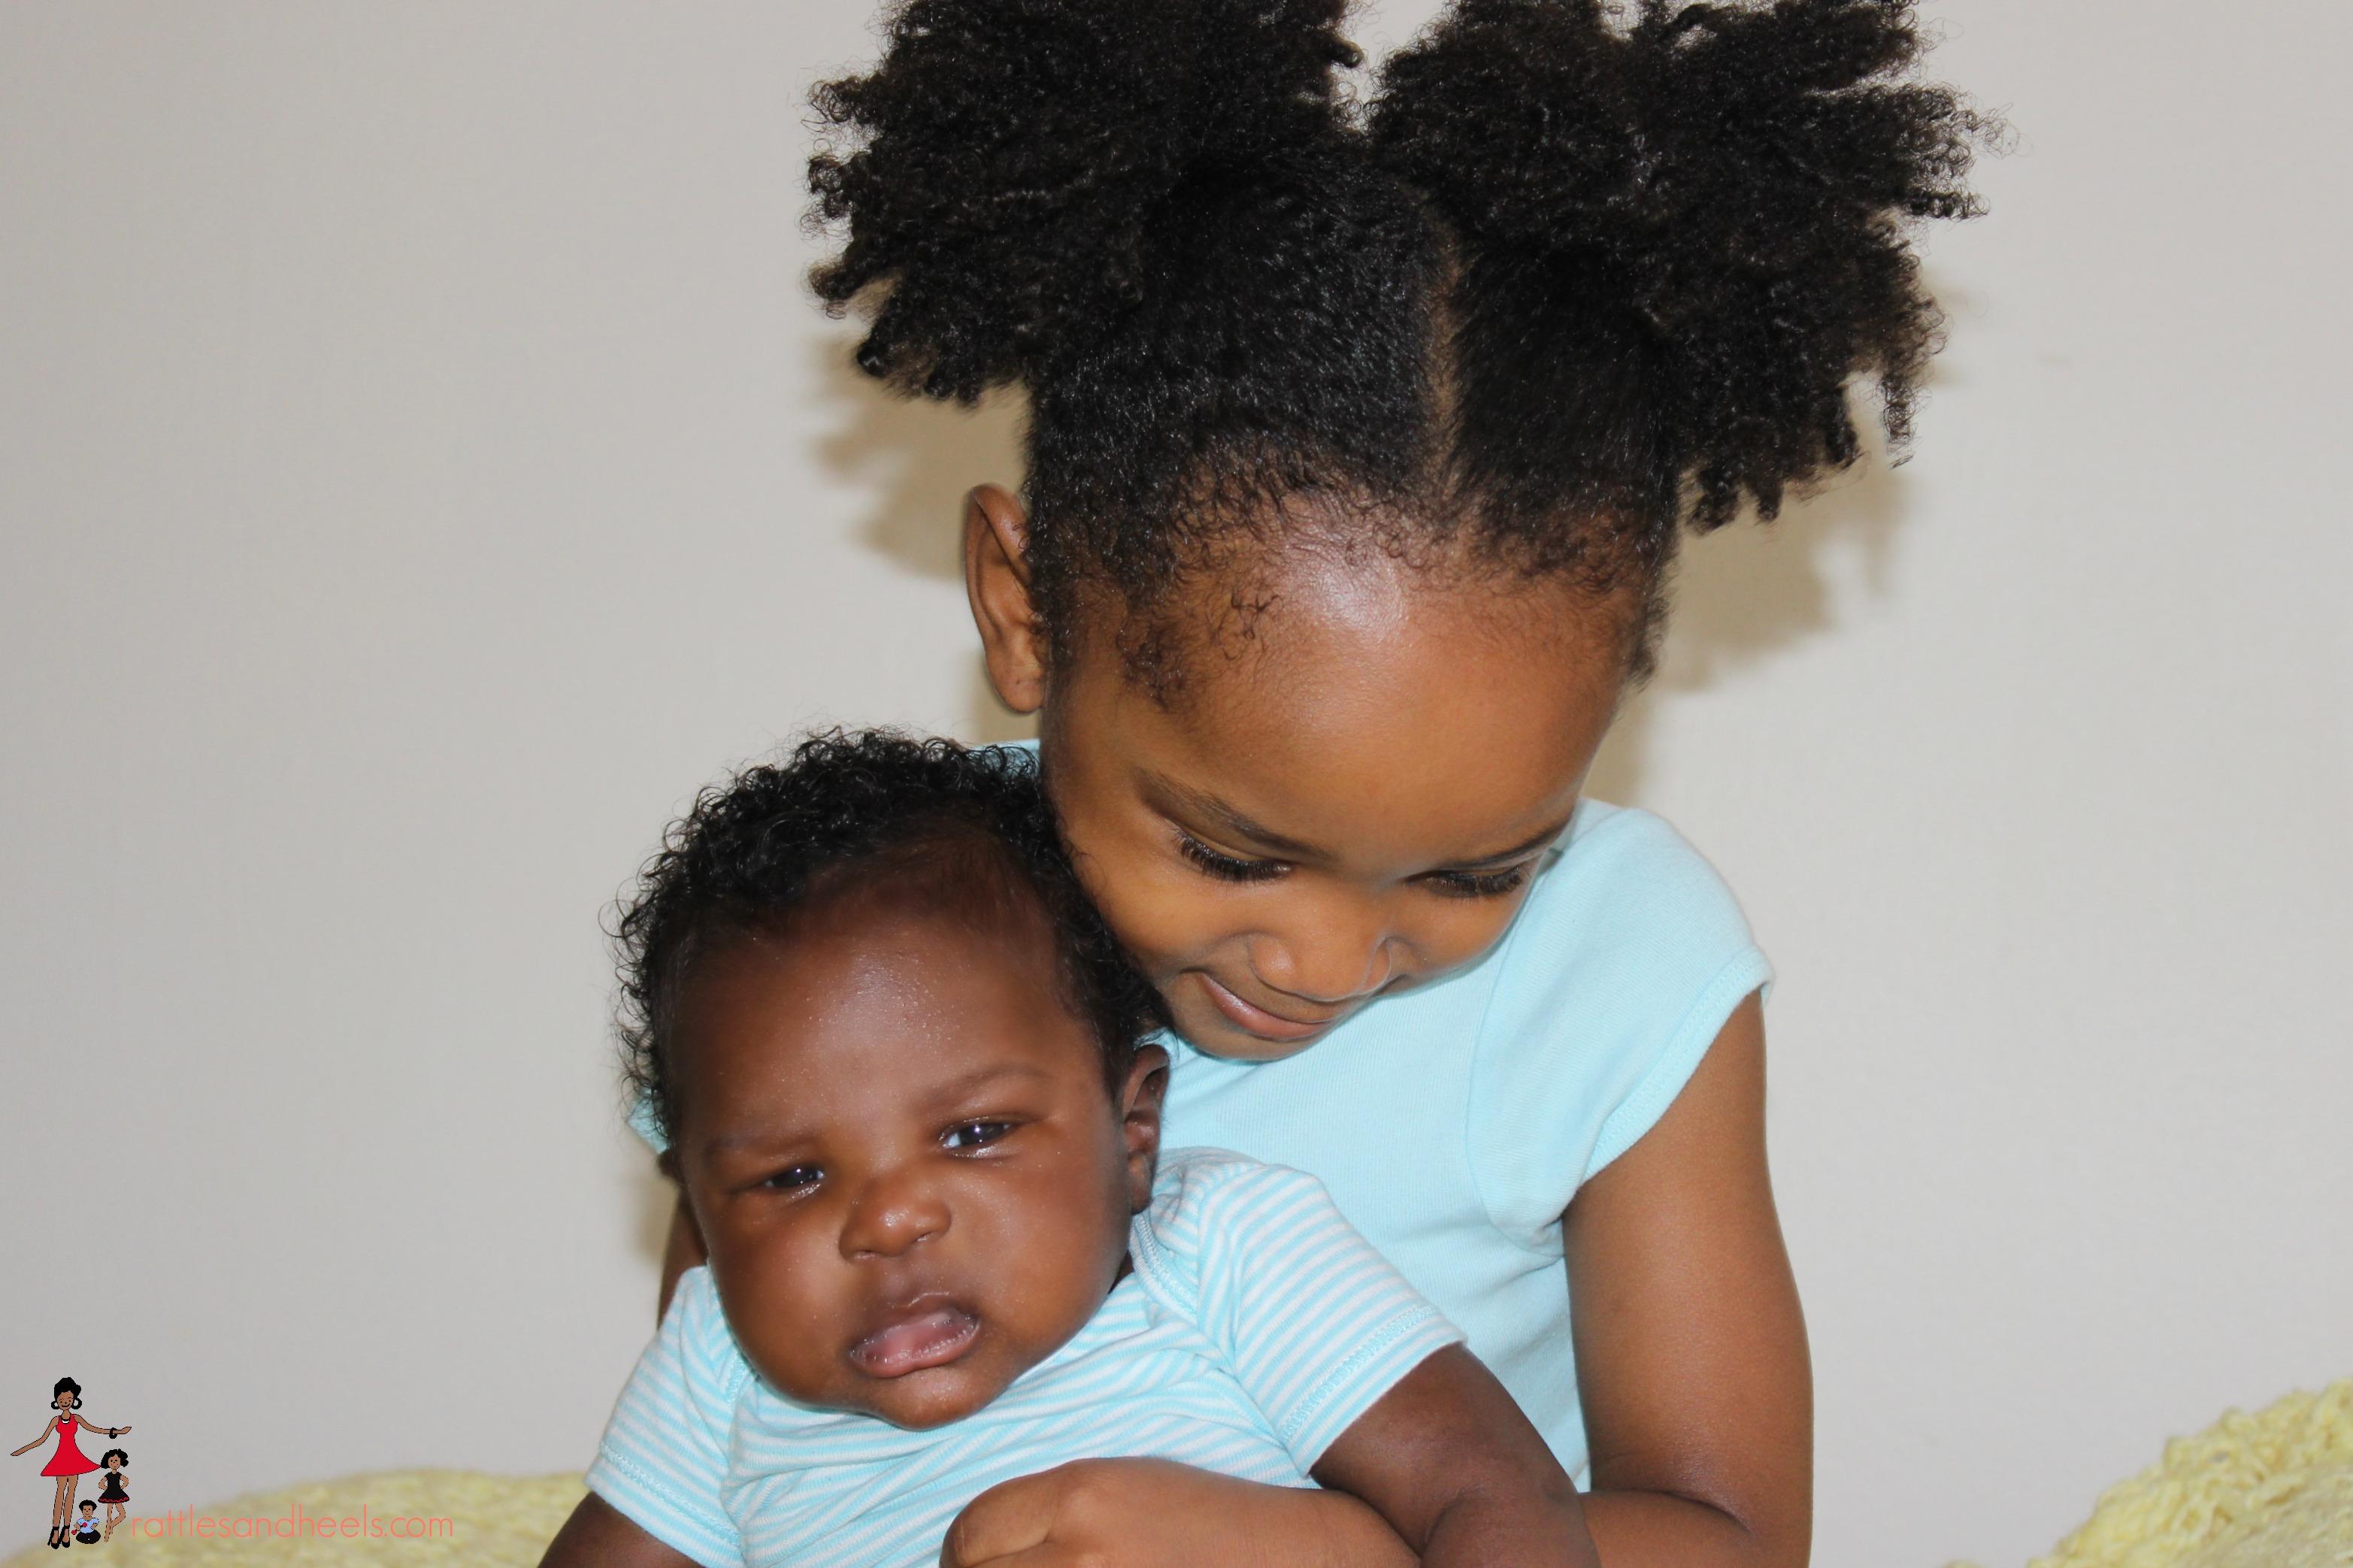 sibling-bonding-toddler-newborn